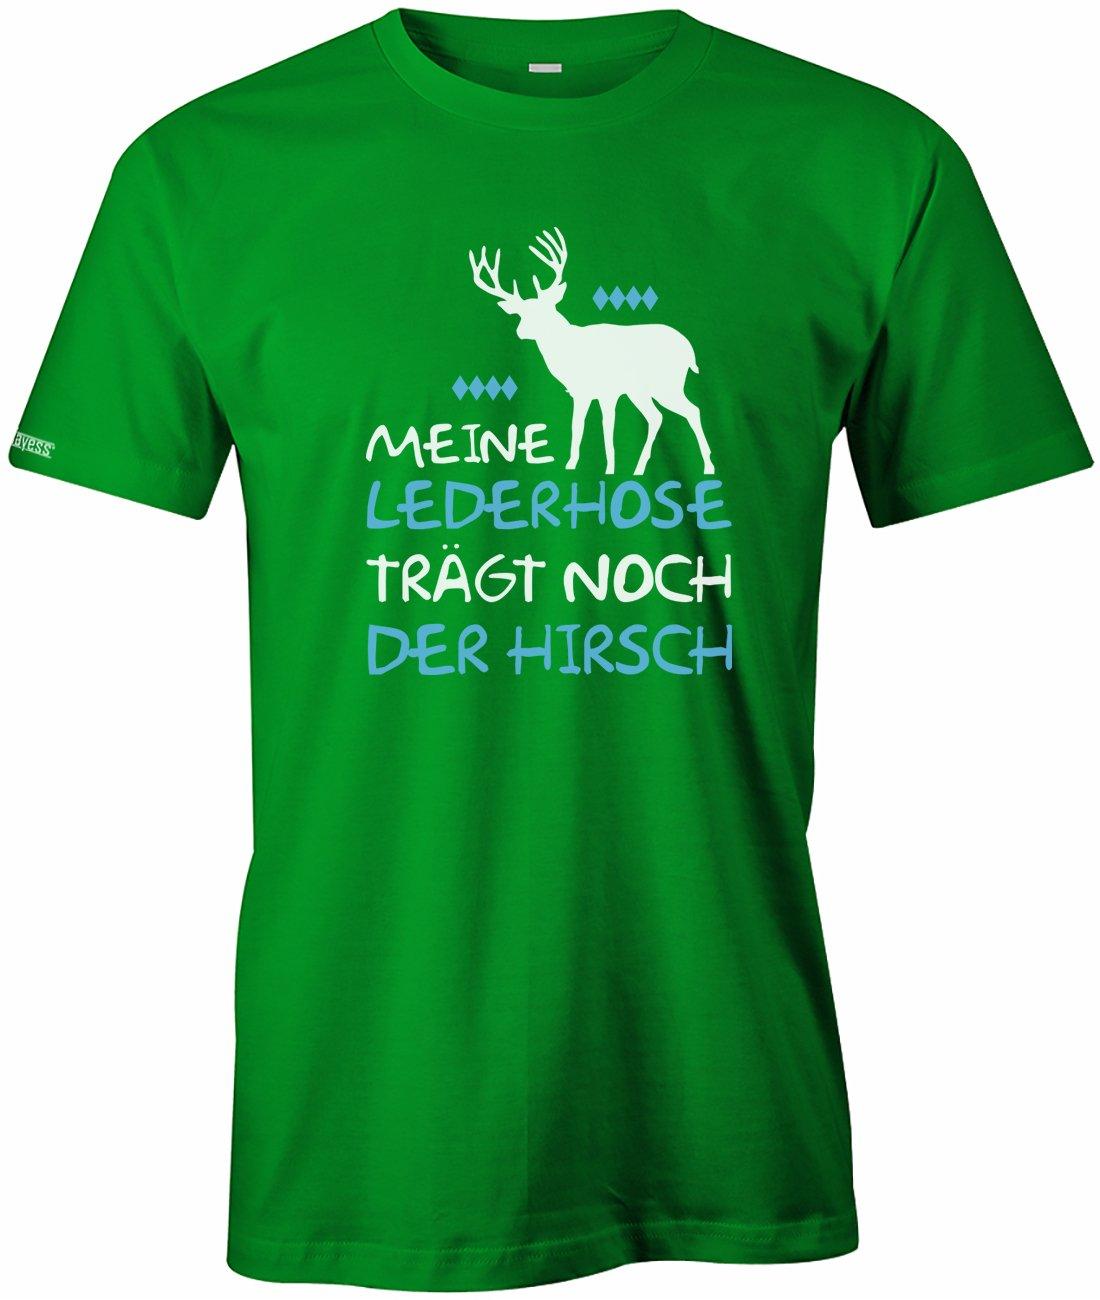 f2e37ff136d236 Meine Lederhose trägt noch der Hirsch - Oktoberfest - Herren T-Shirt ...